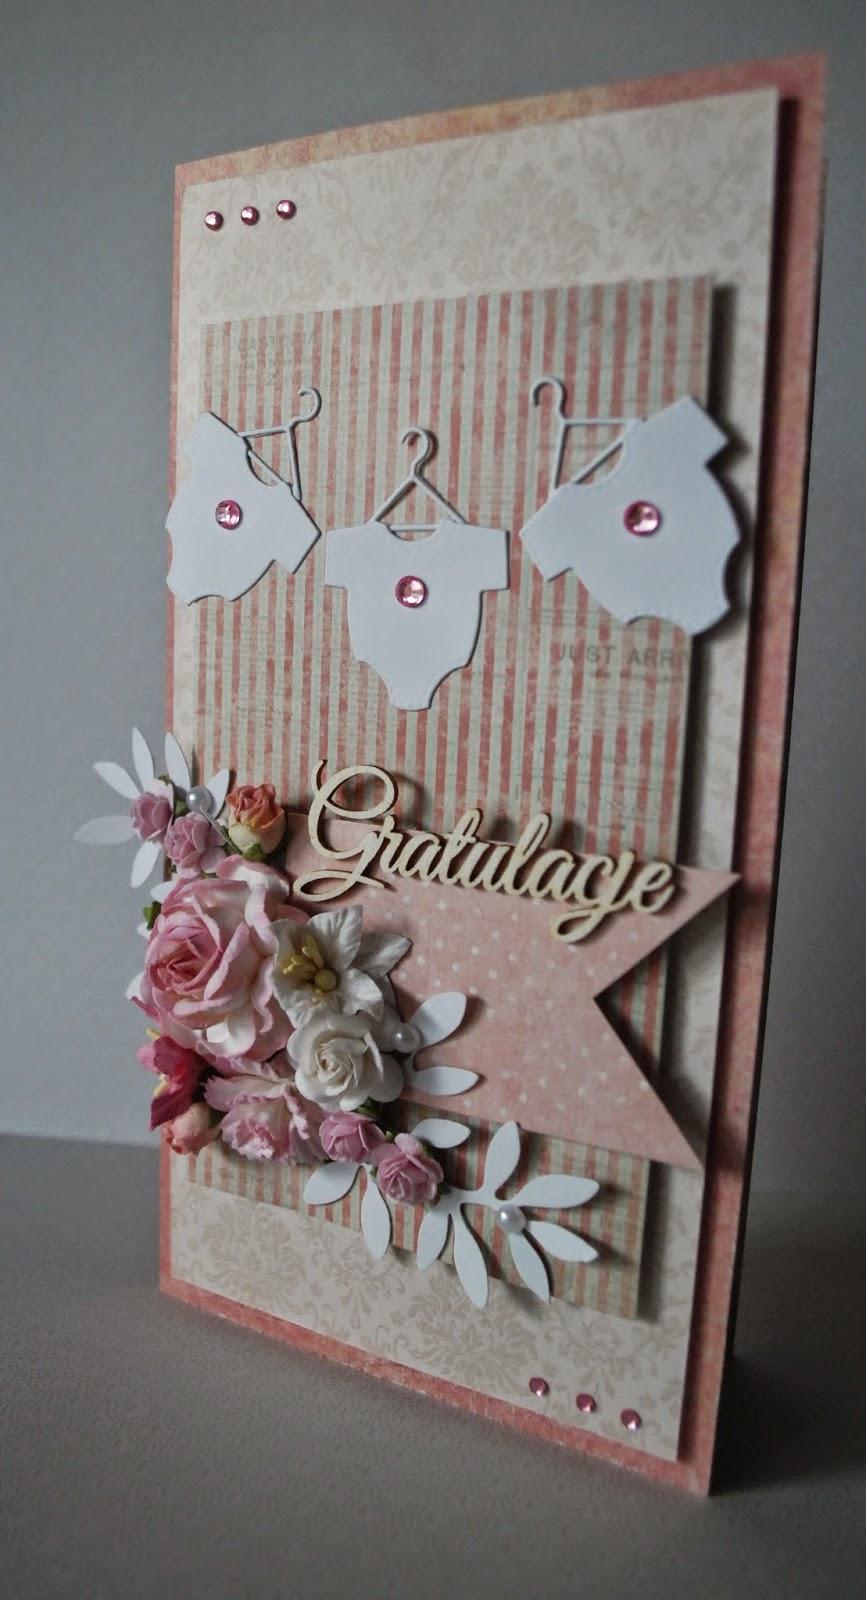 kartka gratulacje dla rodziców dziewczynki, różowe kolory, gratulacje